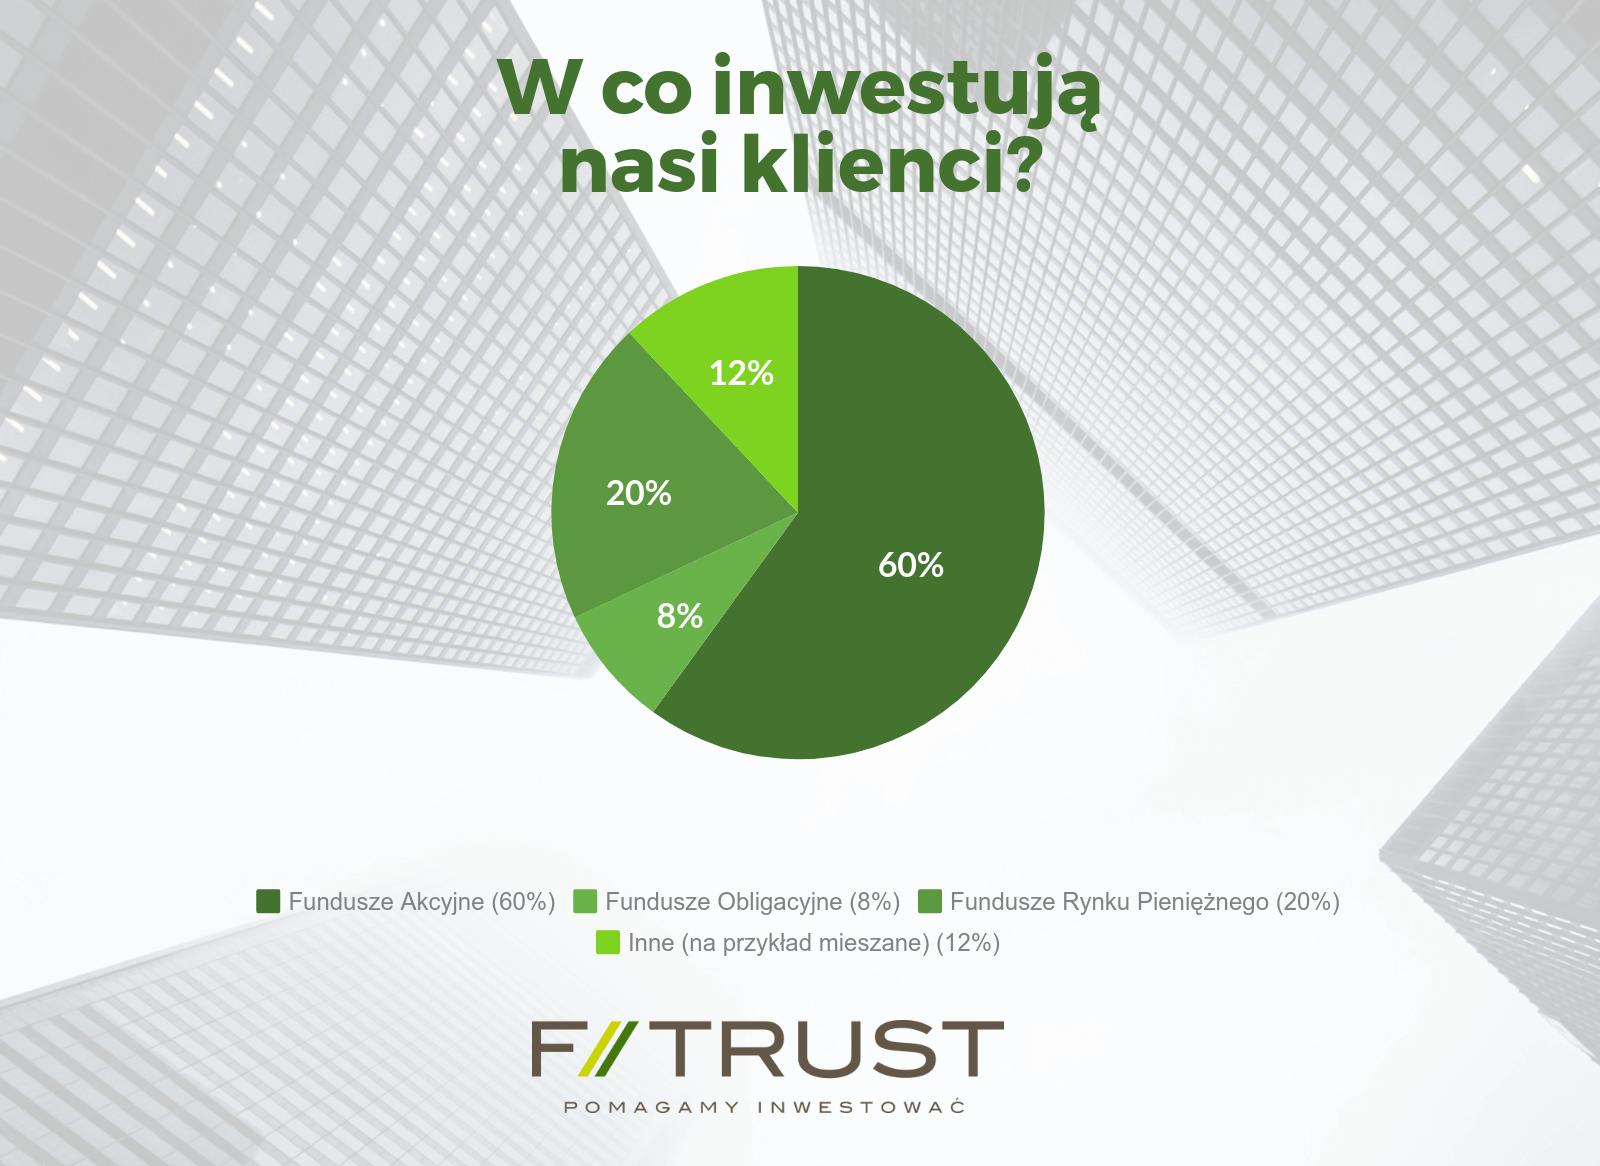 Klienci F-Trust inwestują w różne klasy aktywów